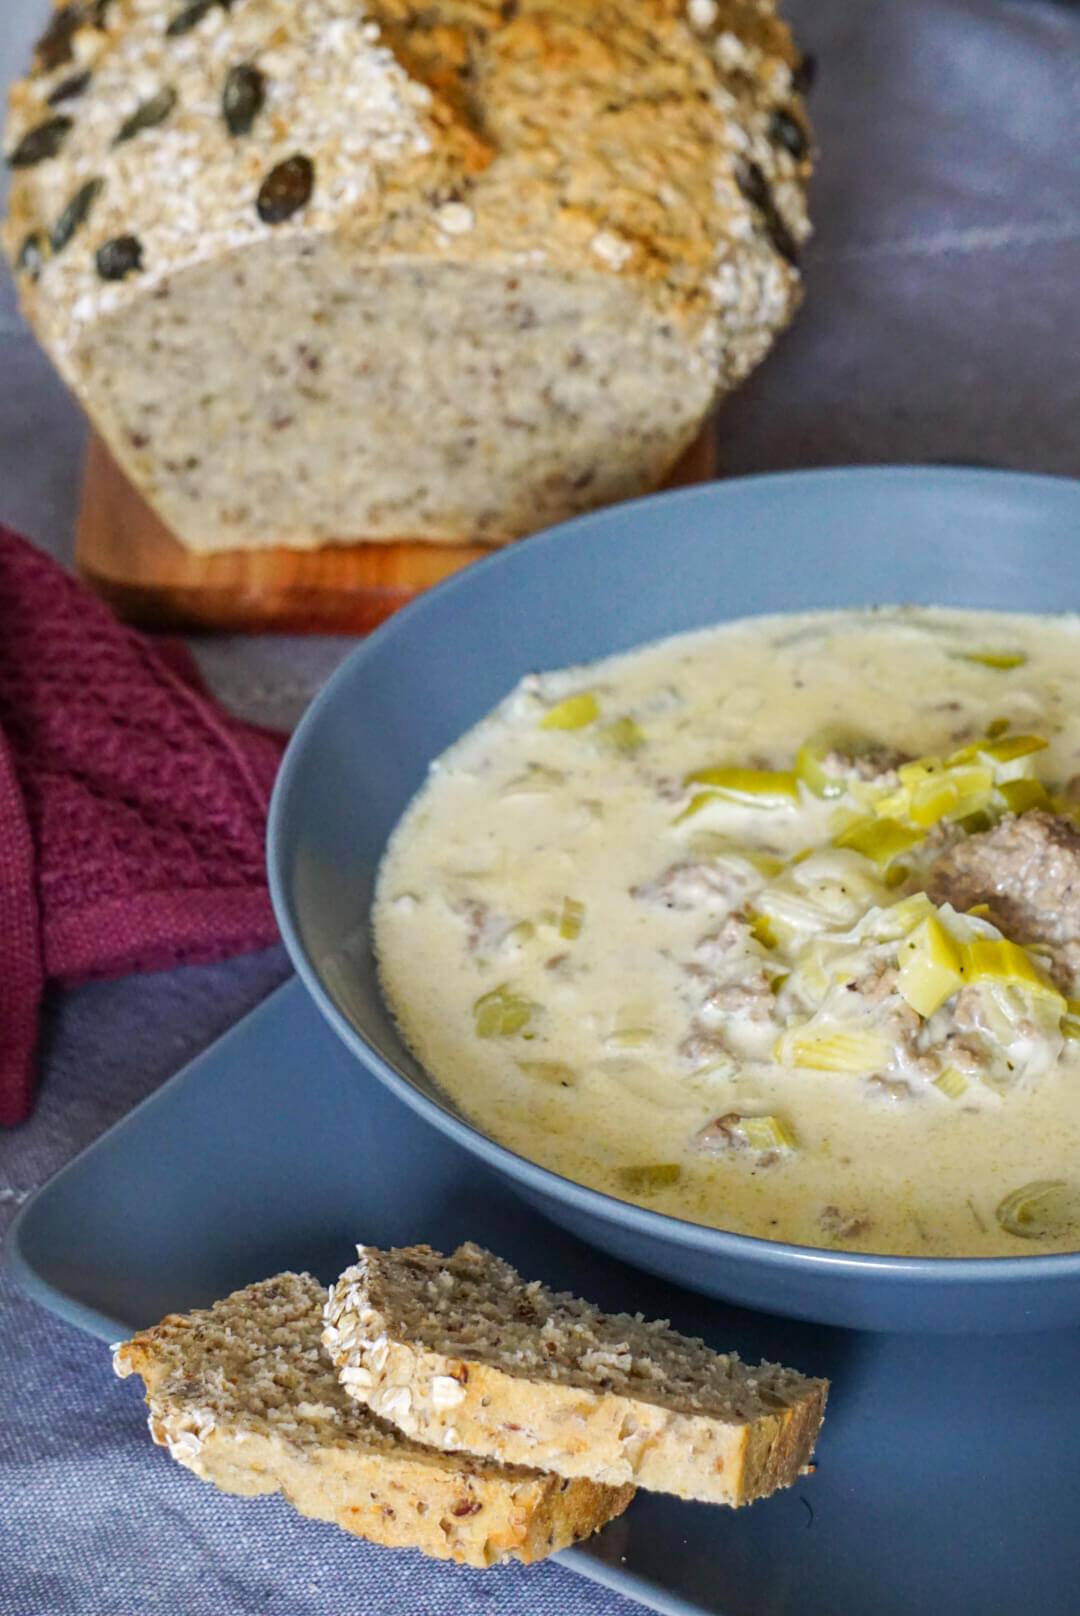 Ein Teller mit Käse-Lauch-Suppe daneben ein Stück Brot